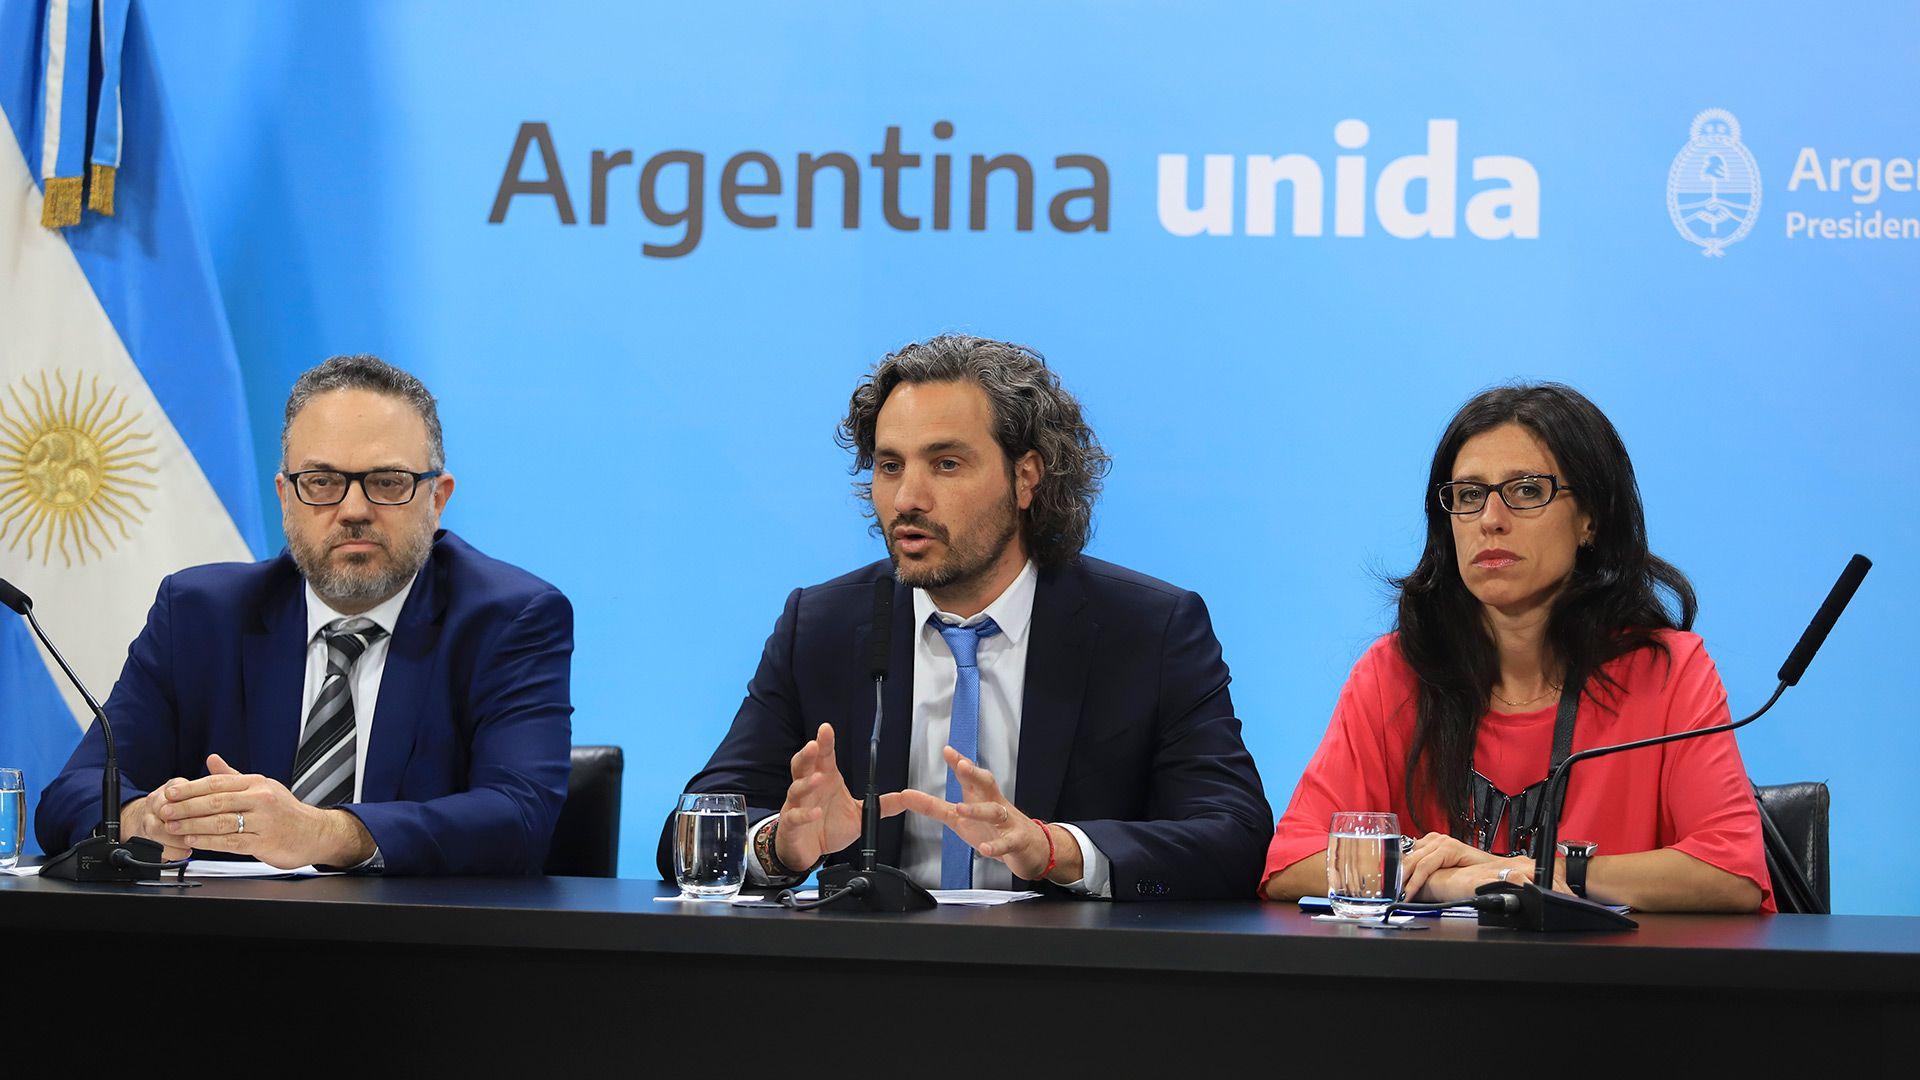 El jefe de Gabinete, Santiago Cafiero, junto al ministro de Desarrollo Productivo, Matias Kulfas y la secretaria de Comercio Interior, Paula Español